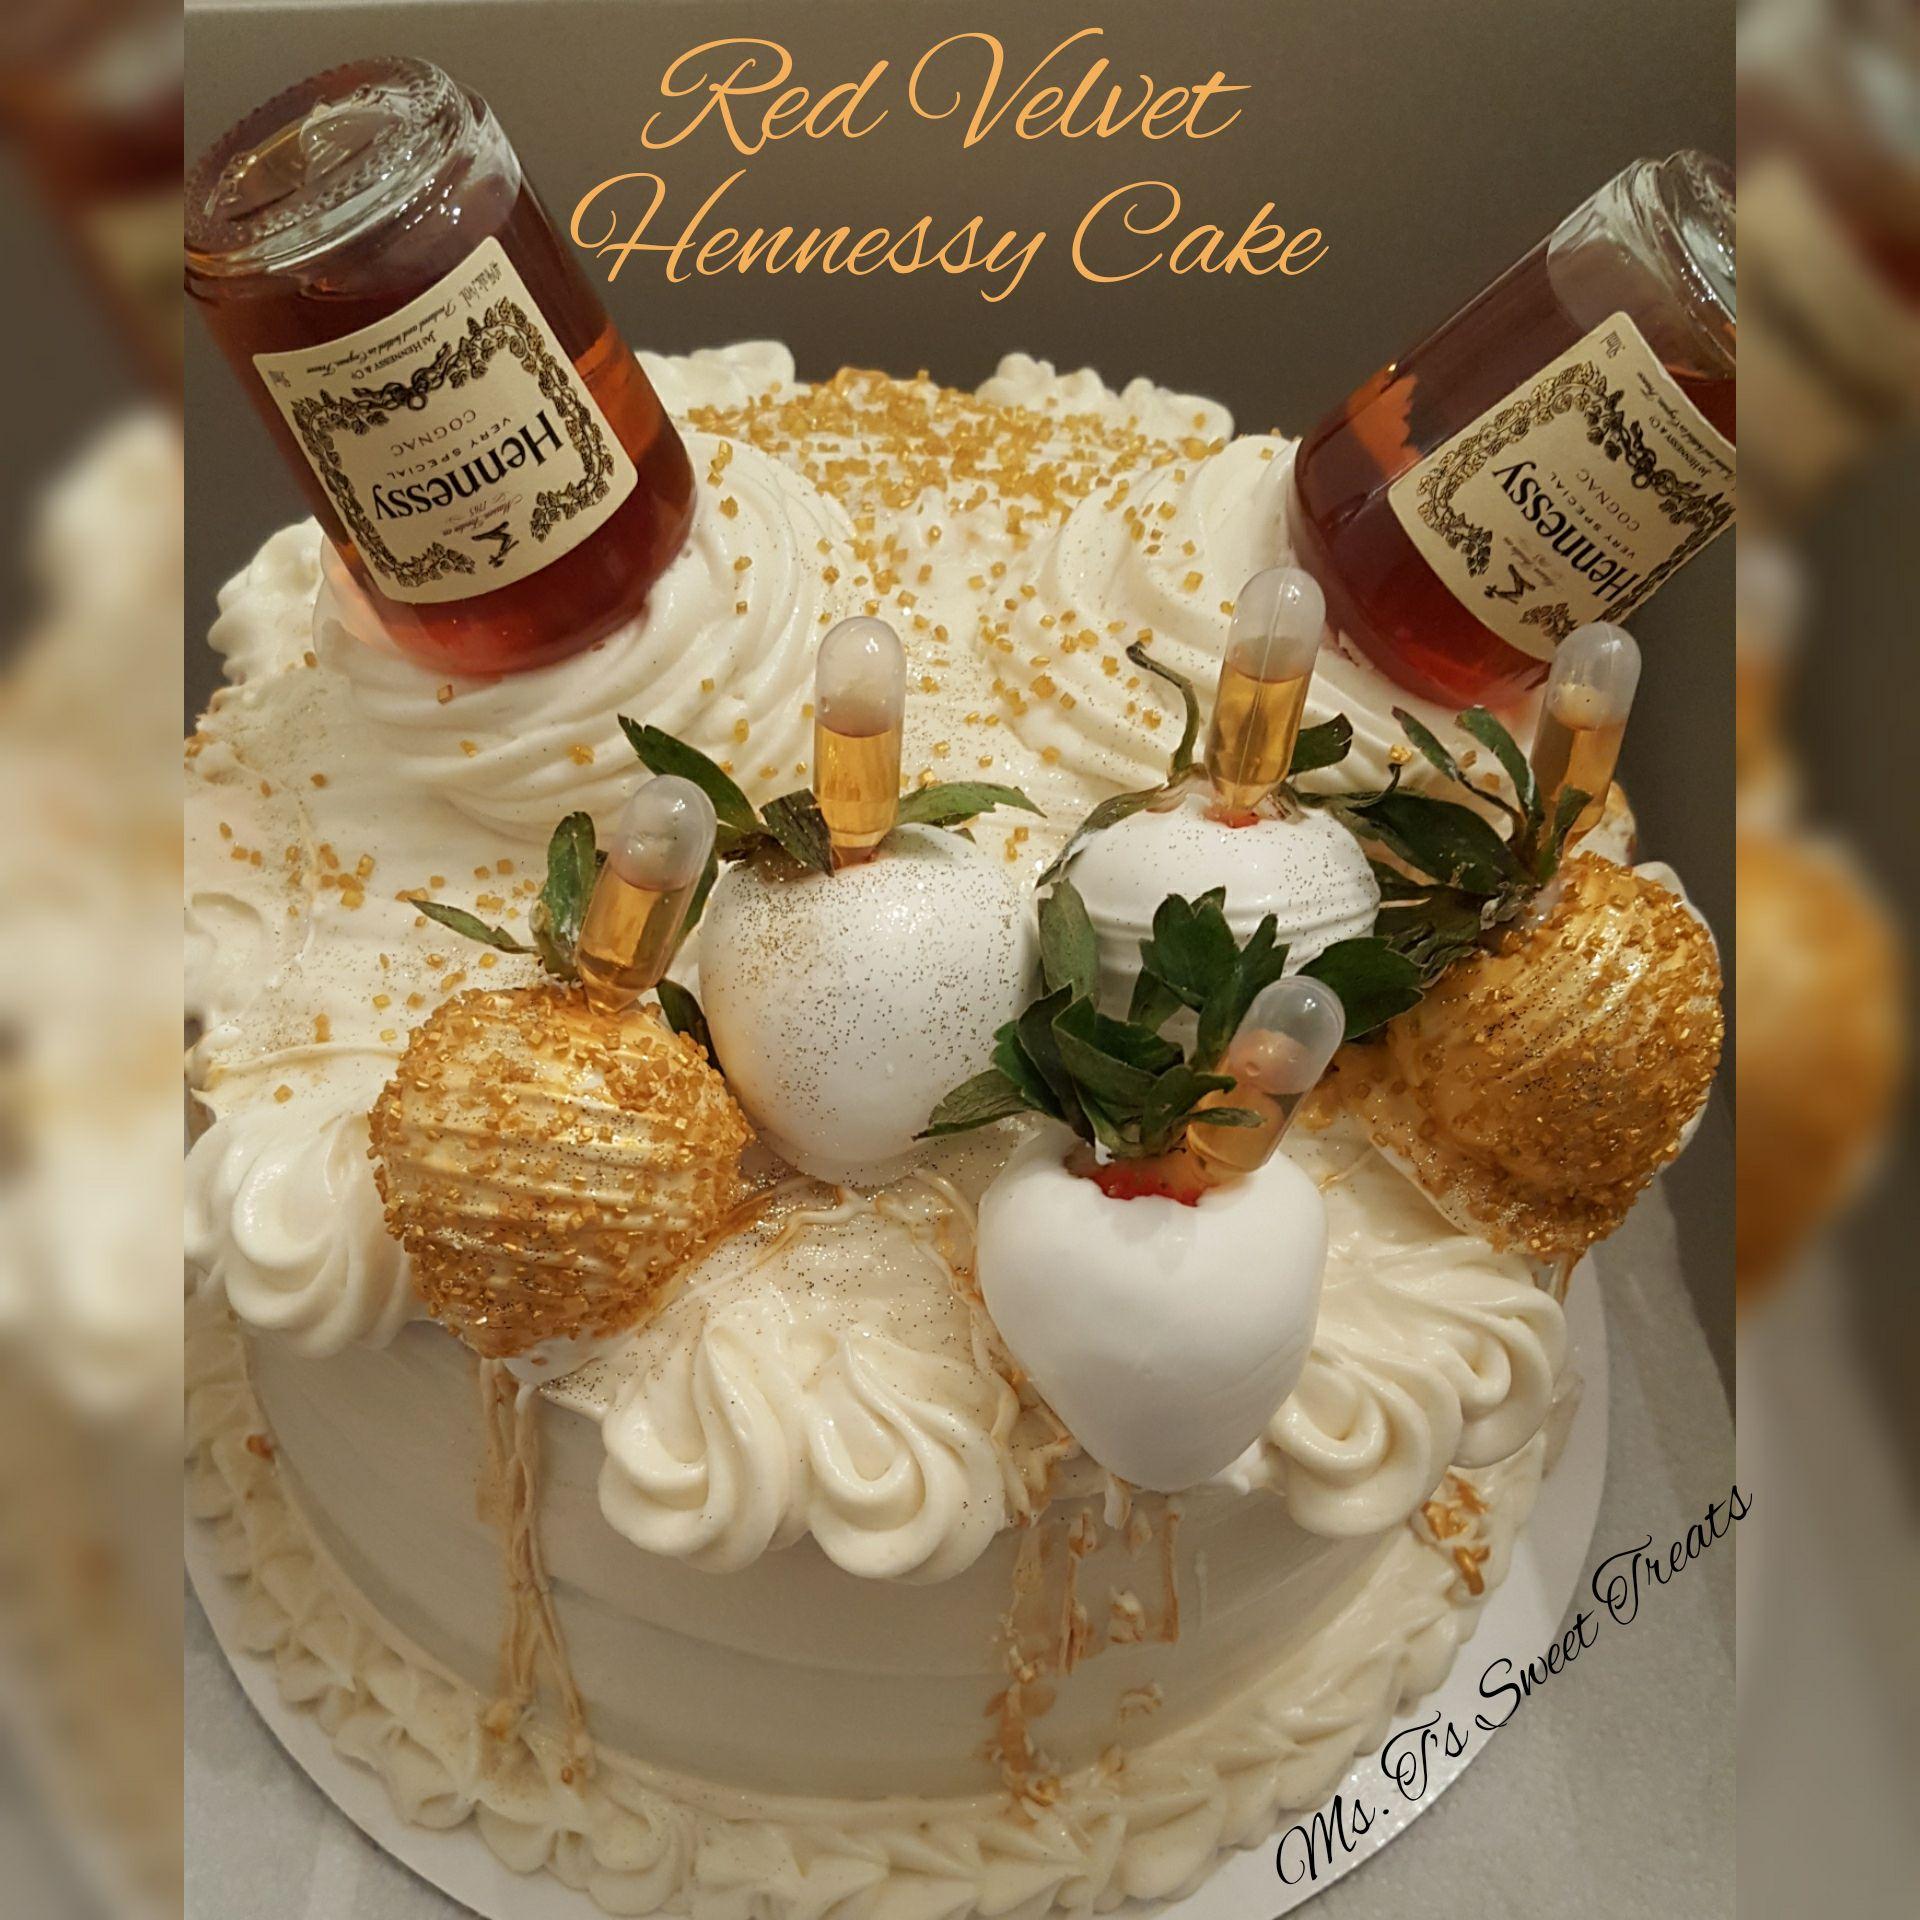 Hennessy Red Velvet Cake Recipe